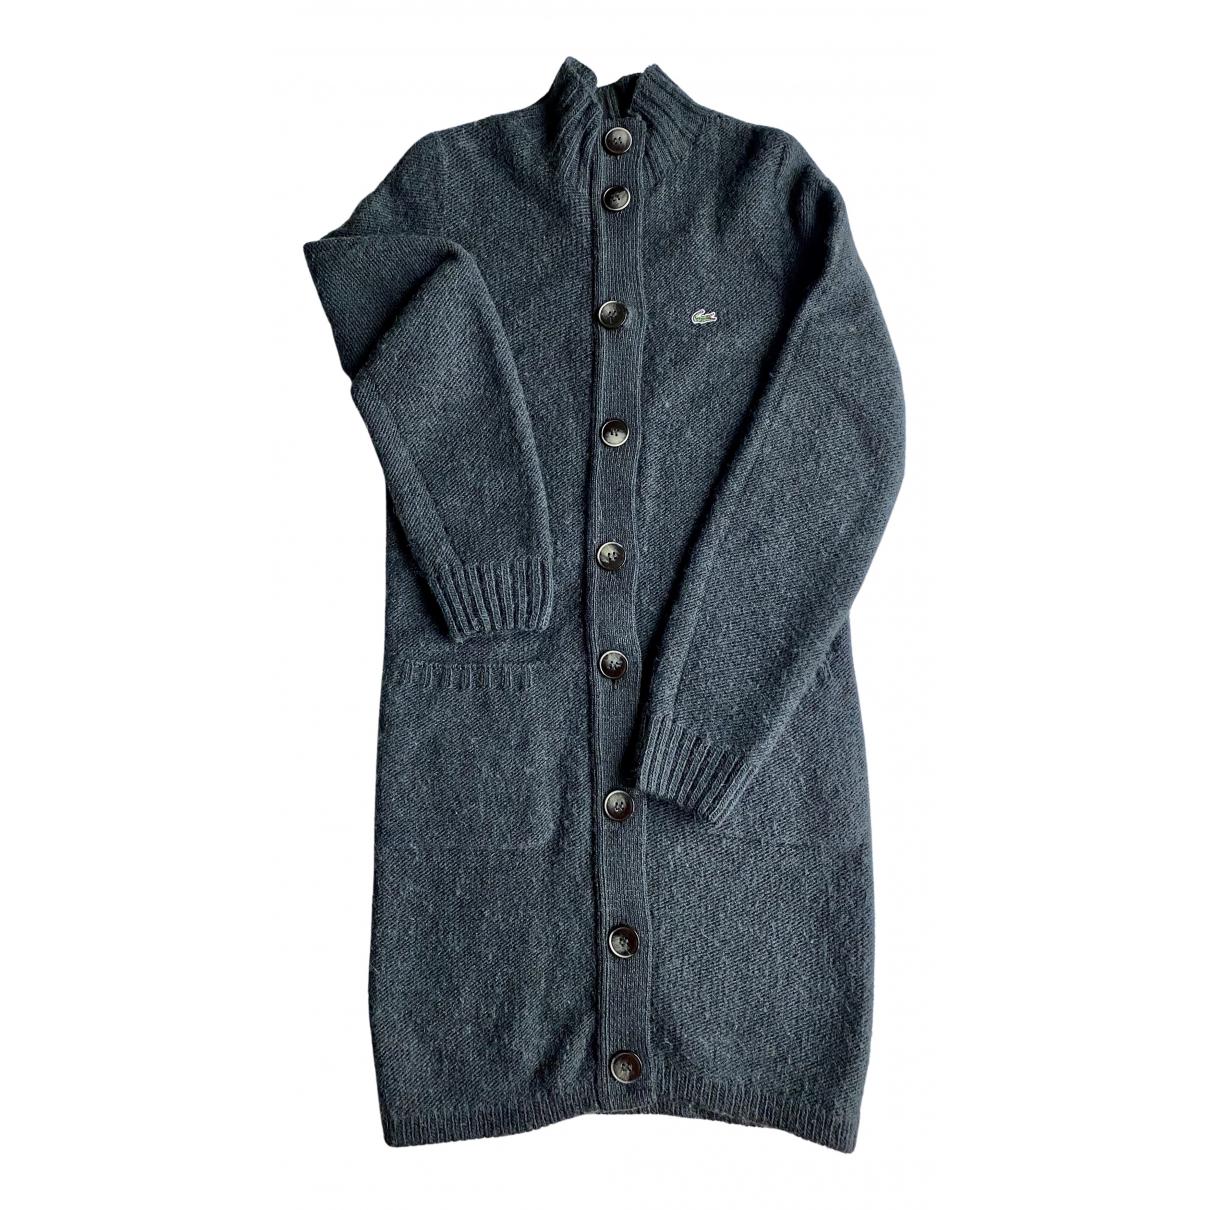 Lacoste N Grey Wool Knitwear for Women 36 FR